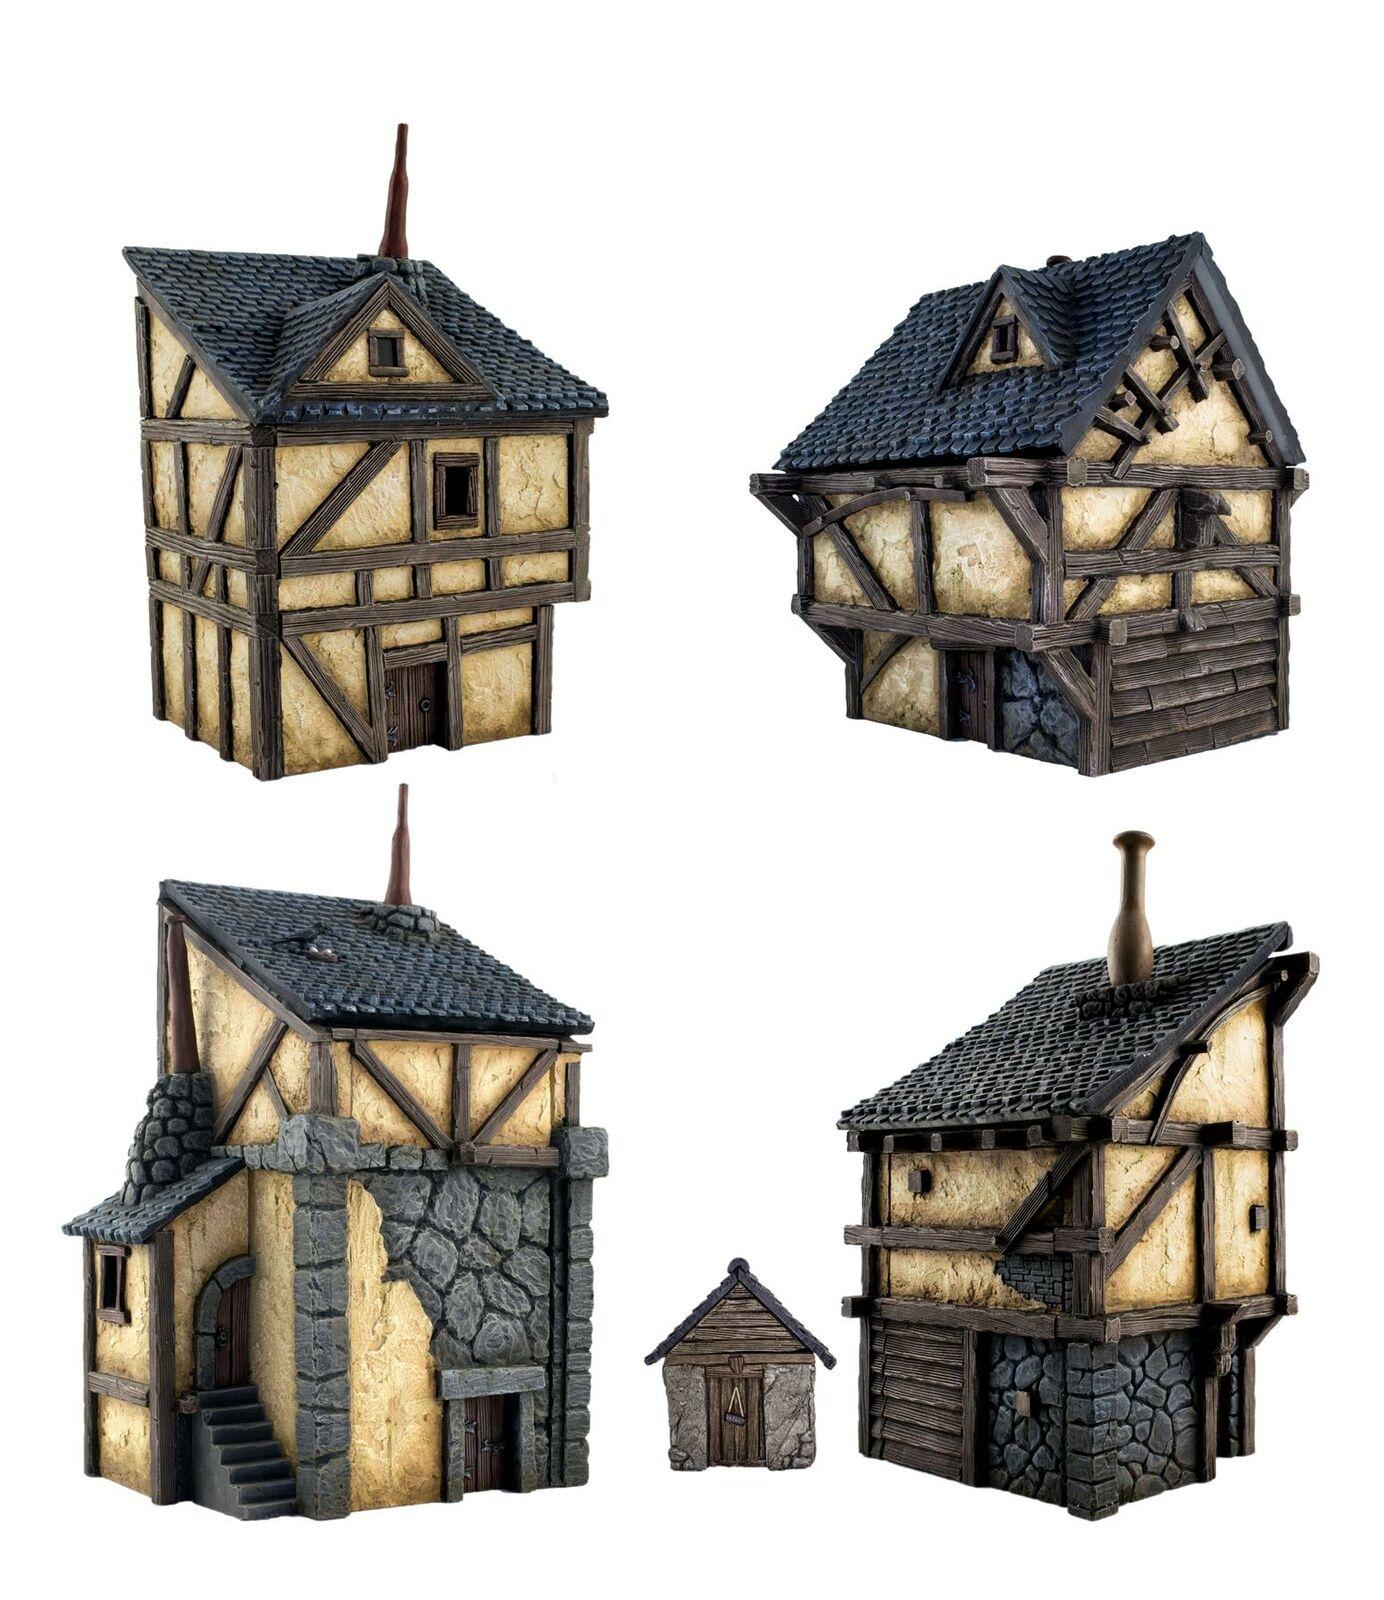 WWG Set de 4 Casas Medievales  - Terrenos, Escenografías Wargames medievales.  au prix le plus bas